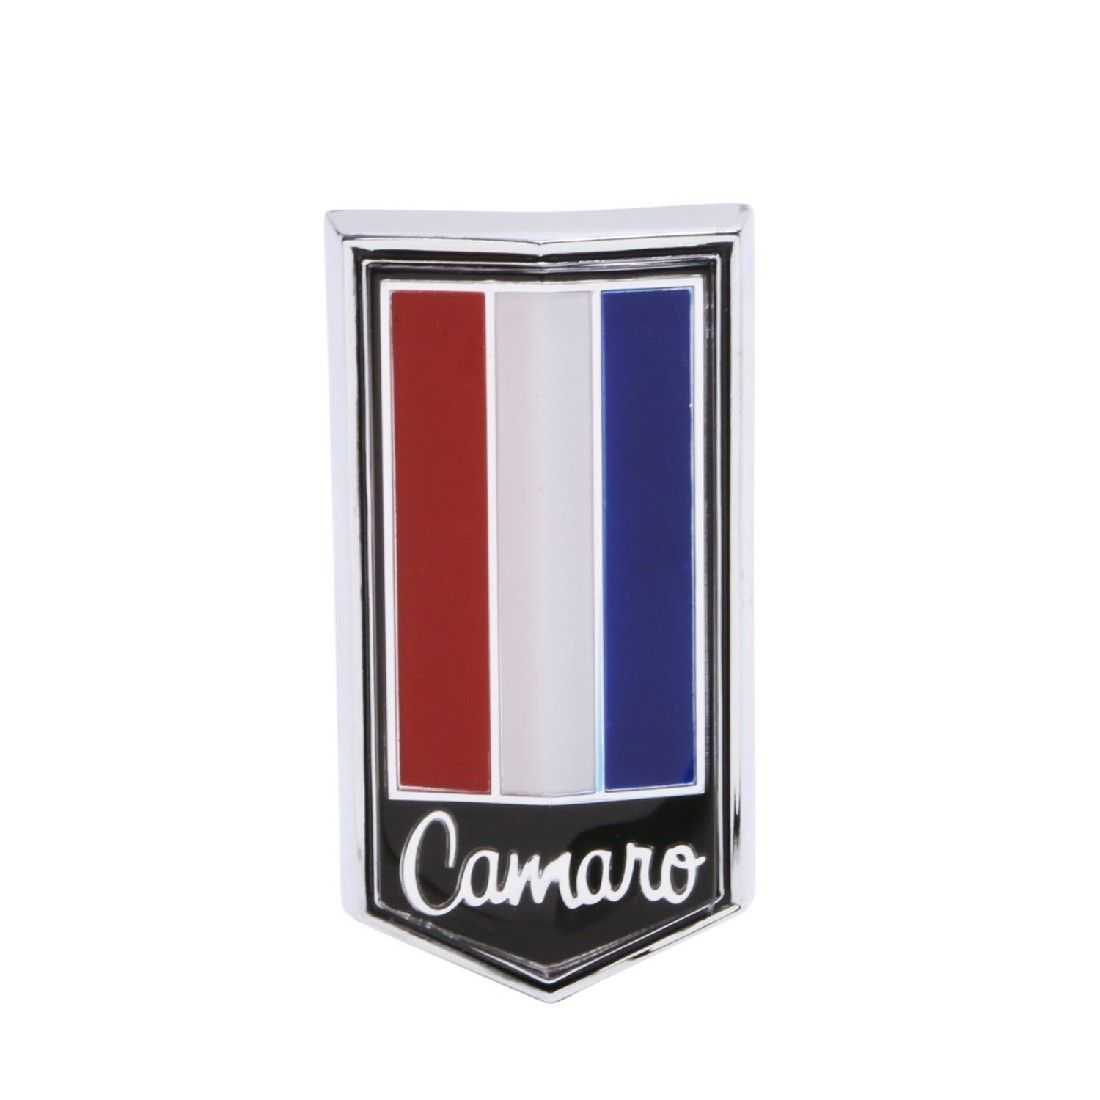 1974 Camaro Grille Emblem 1968 Chevrolet Symbol